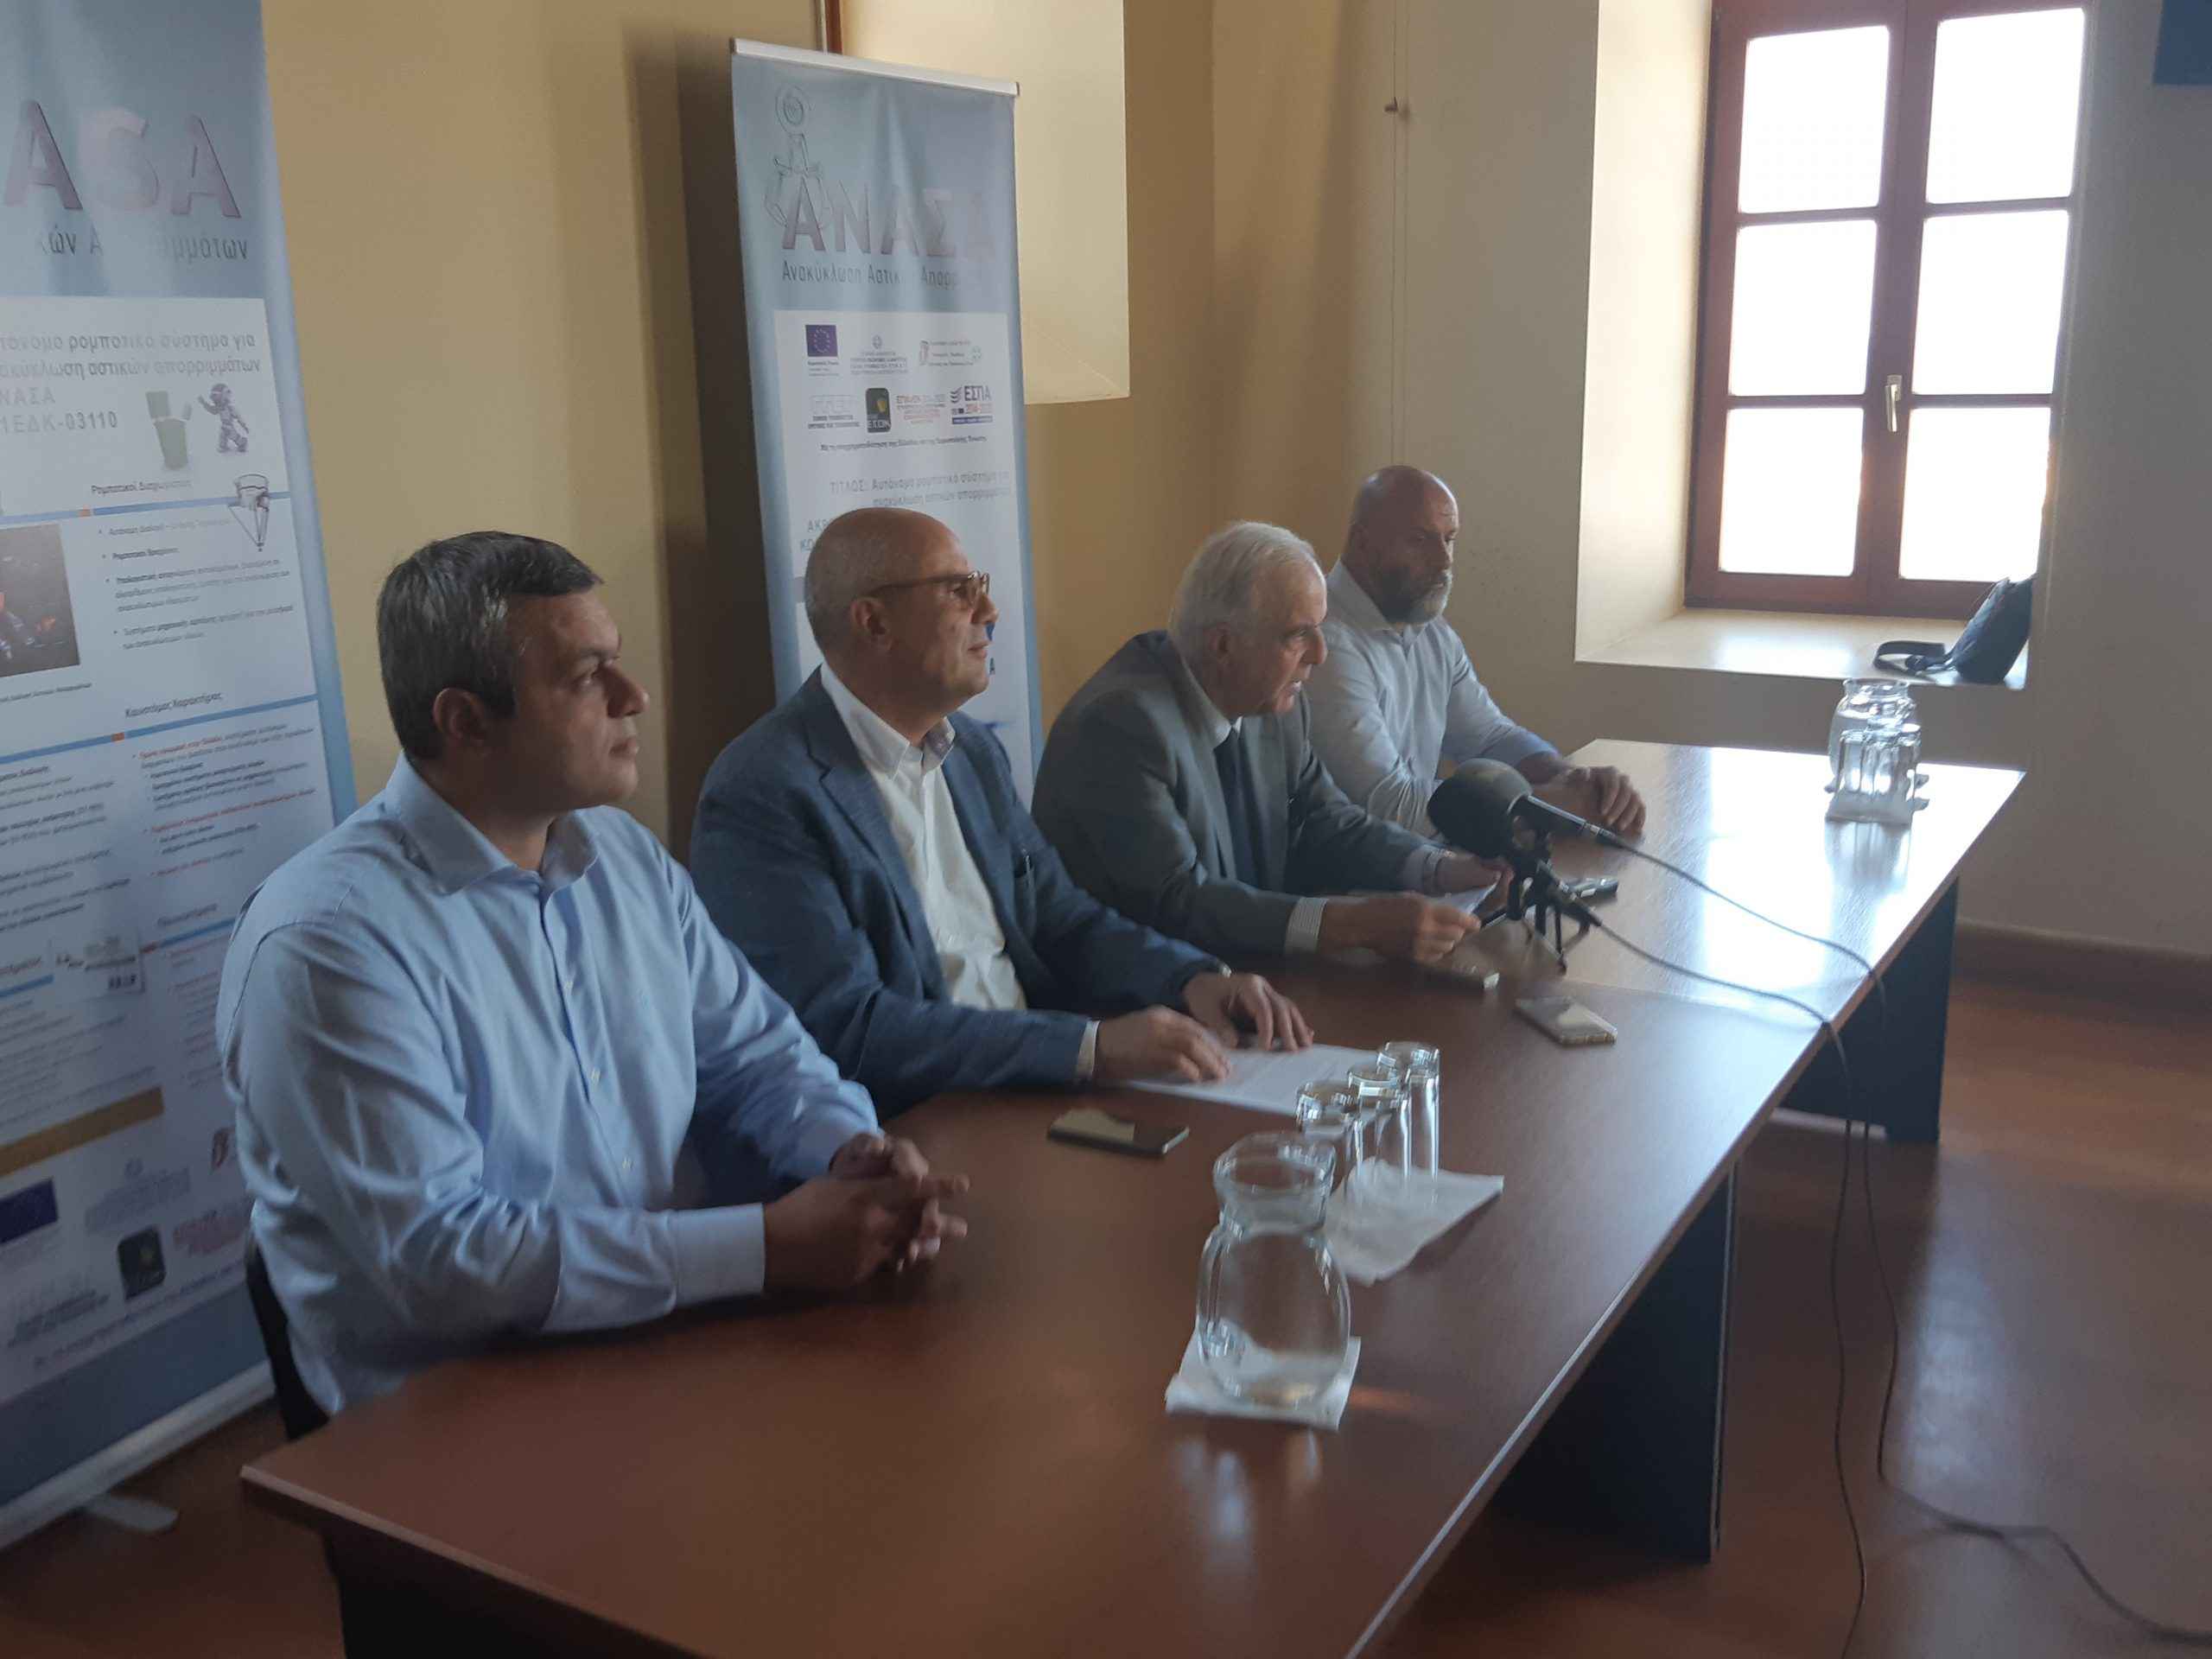 Παρουσίαση του προγράμματος ΑΝΑΣΑ - Δυο ρομπότ στην Κρήτη για τον διαχωρισμό και τη διαχείριση των απορριμμάτων!